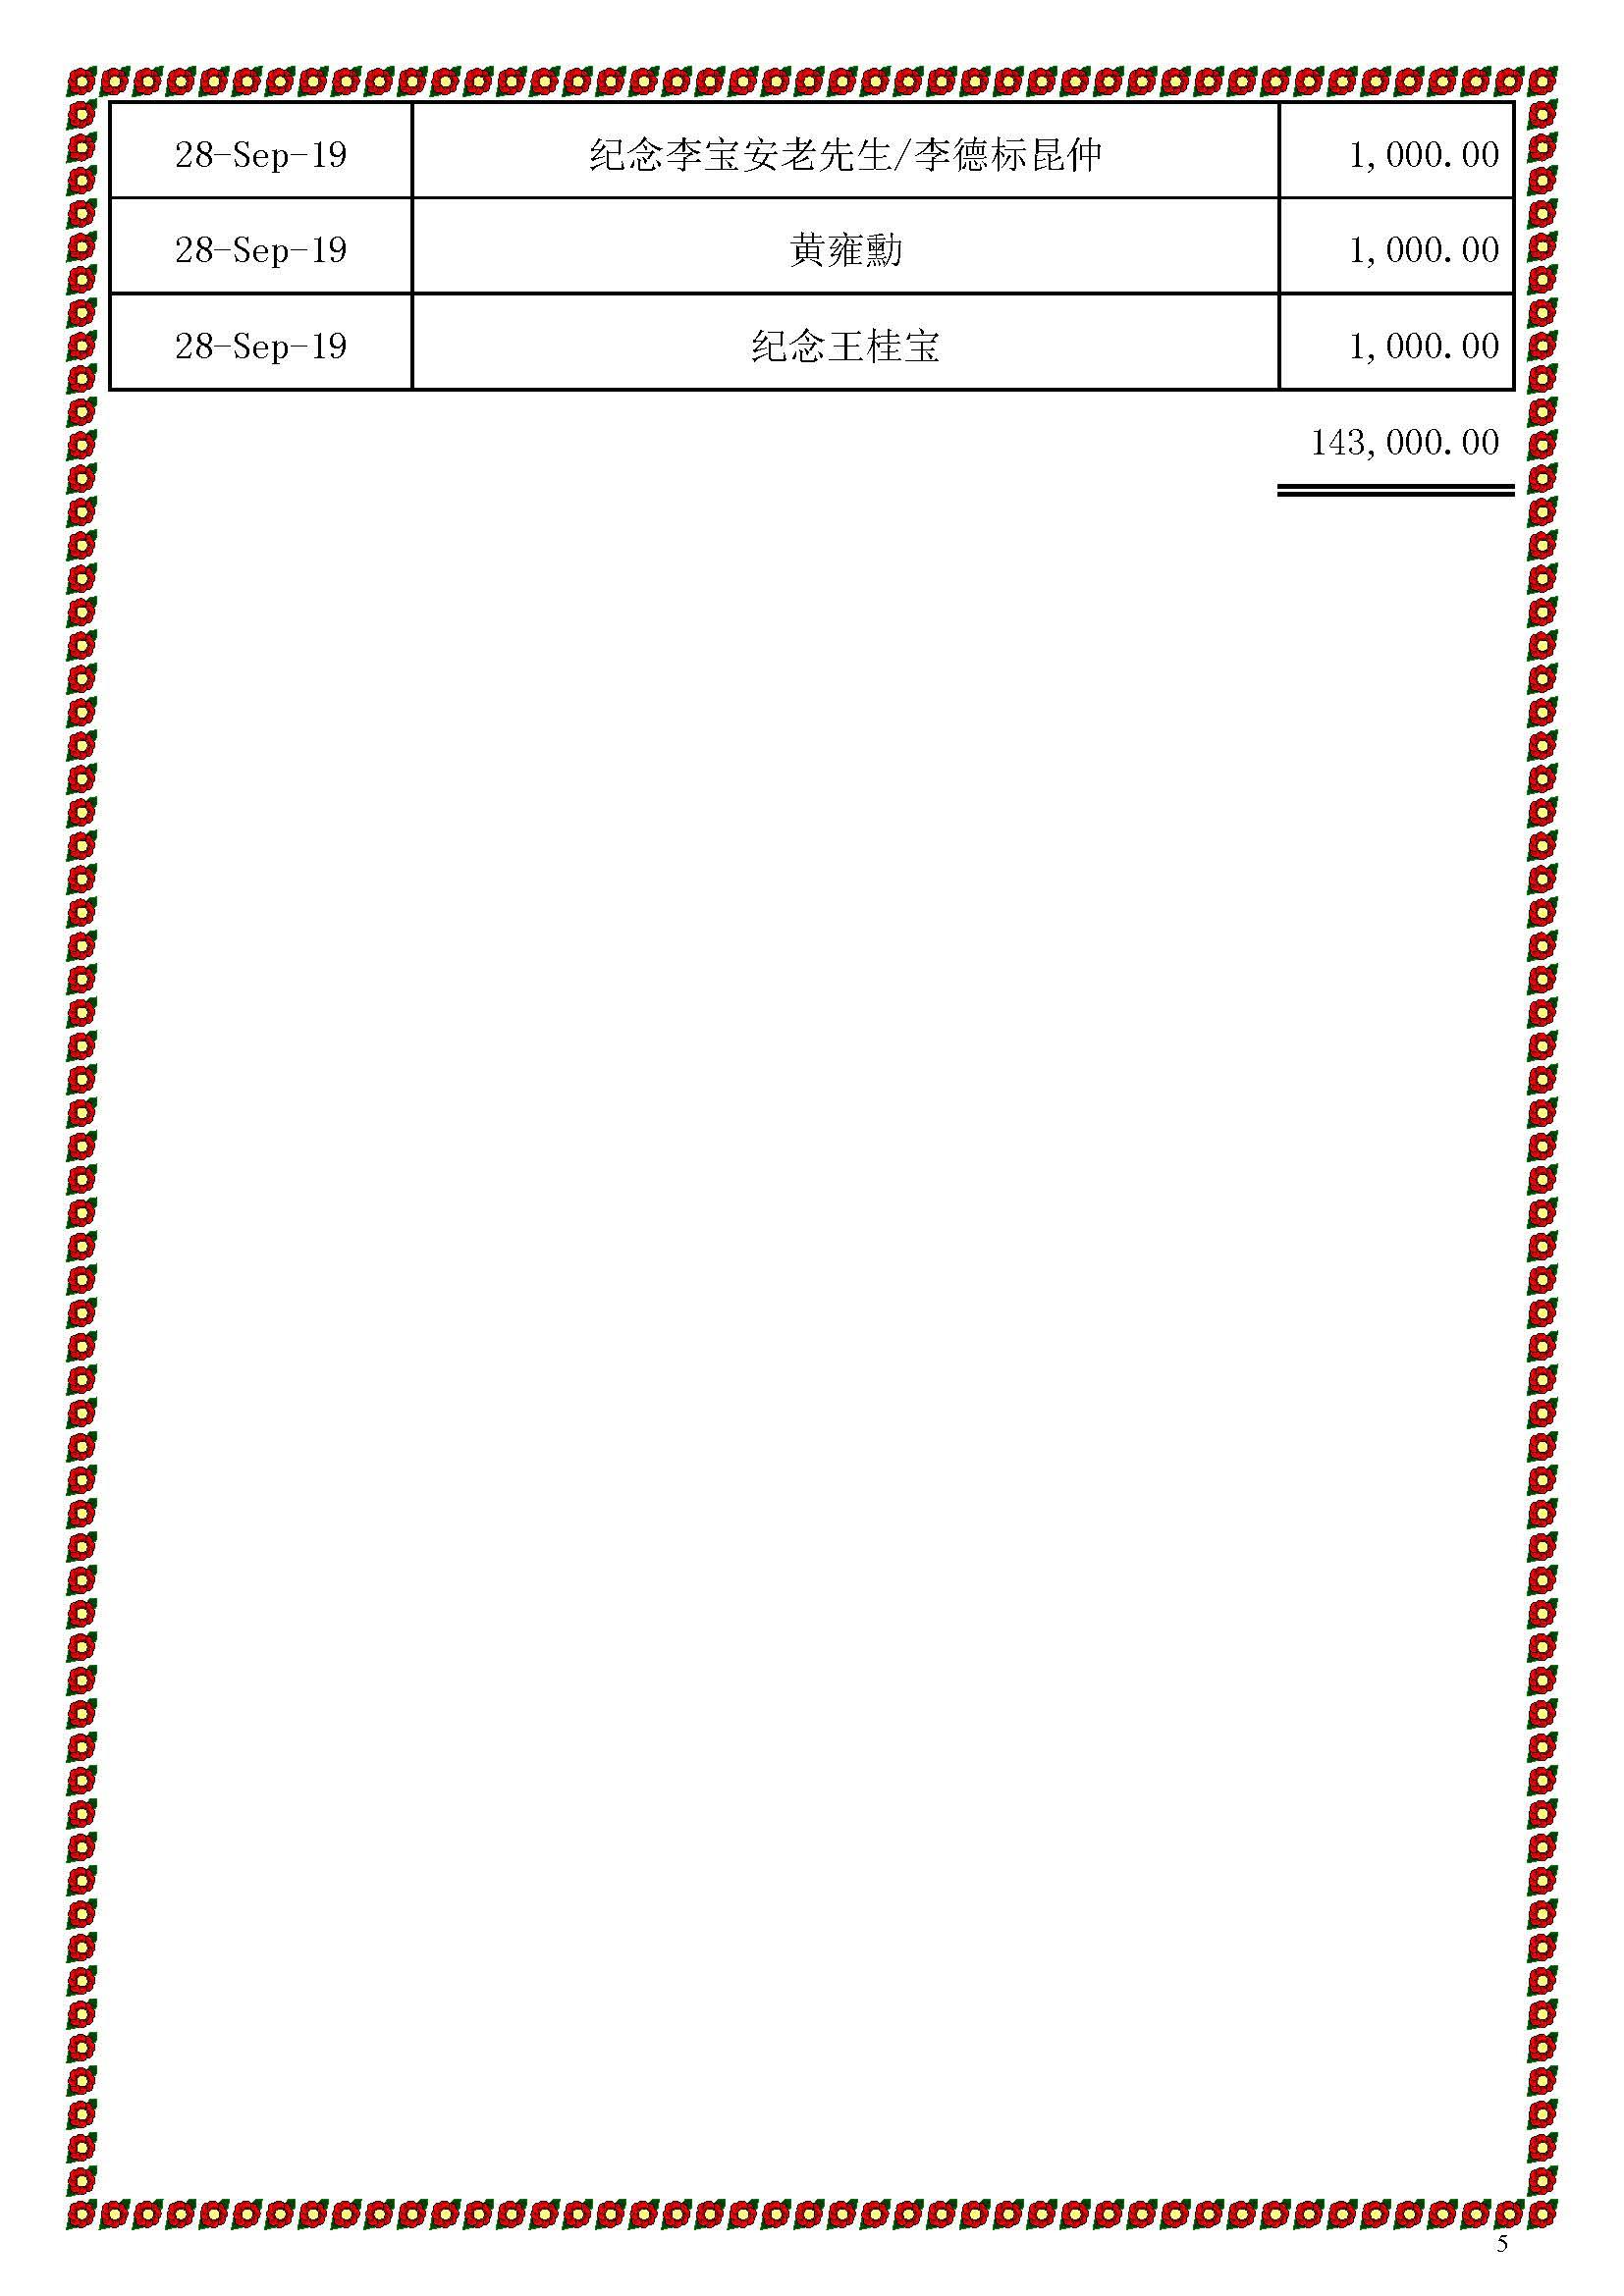 2019年9月份捐獻記錄-修改后_Page_5